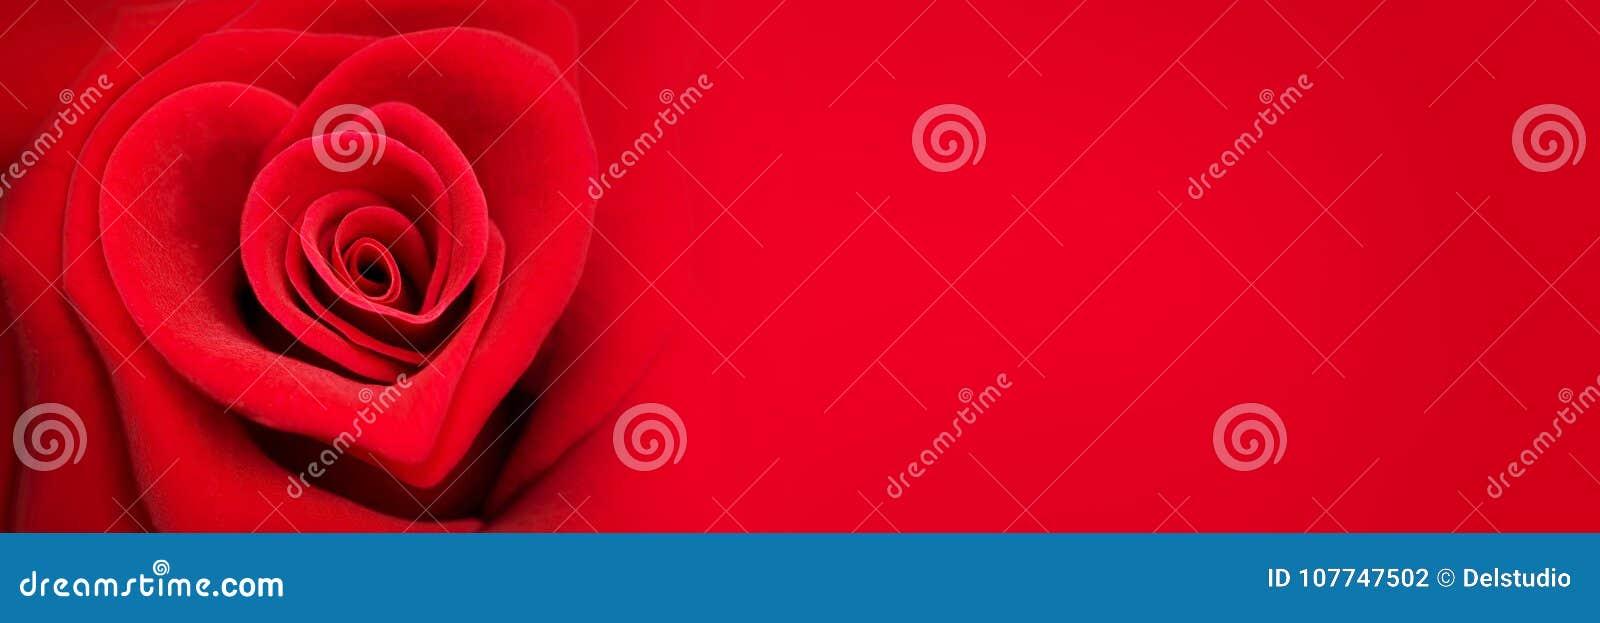 Κόκκινος αυξήθηκε με μορφή μιας καρδιάς, έμβλημα ημέρας βαλεντίνων